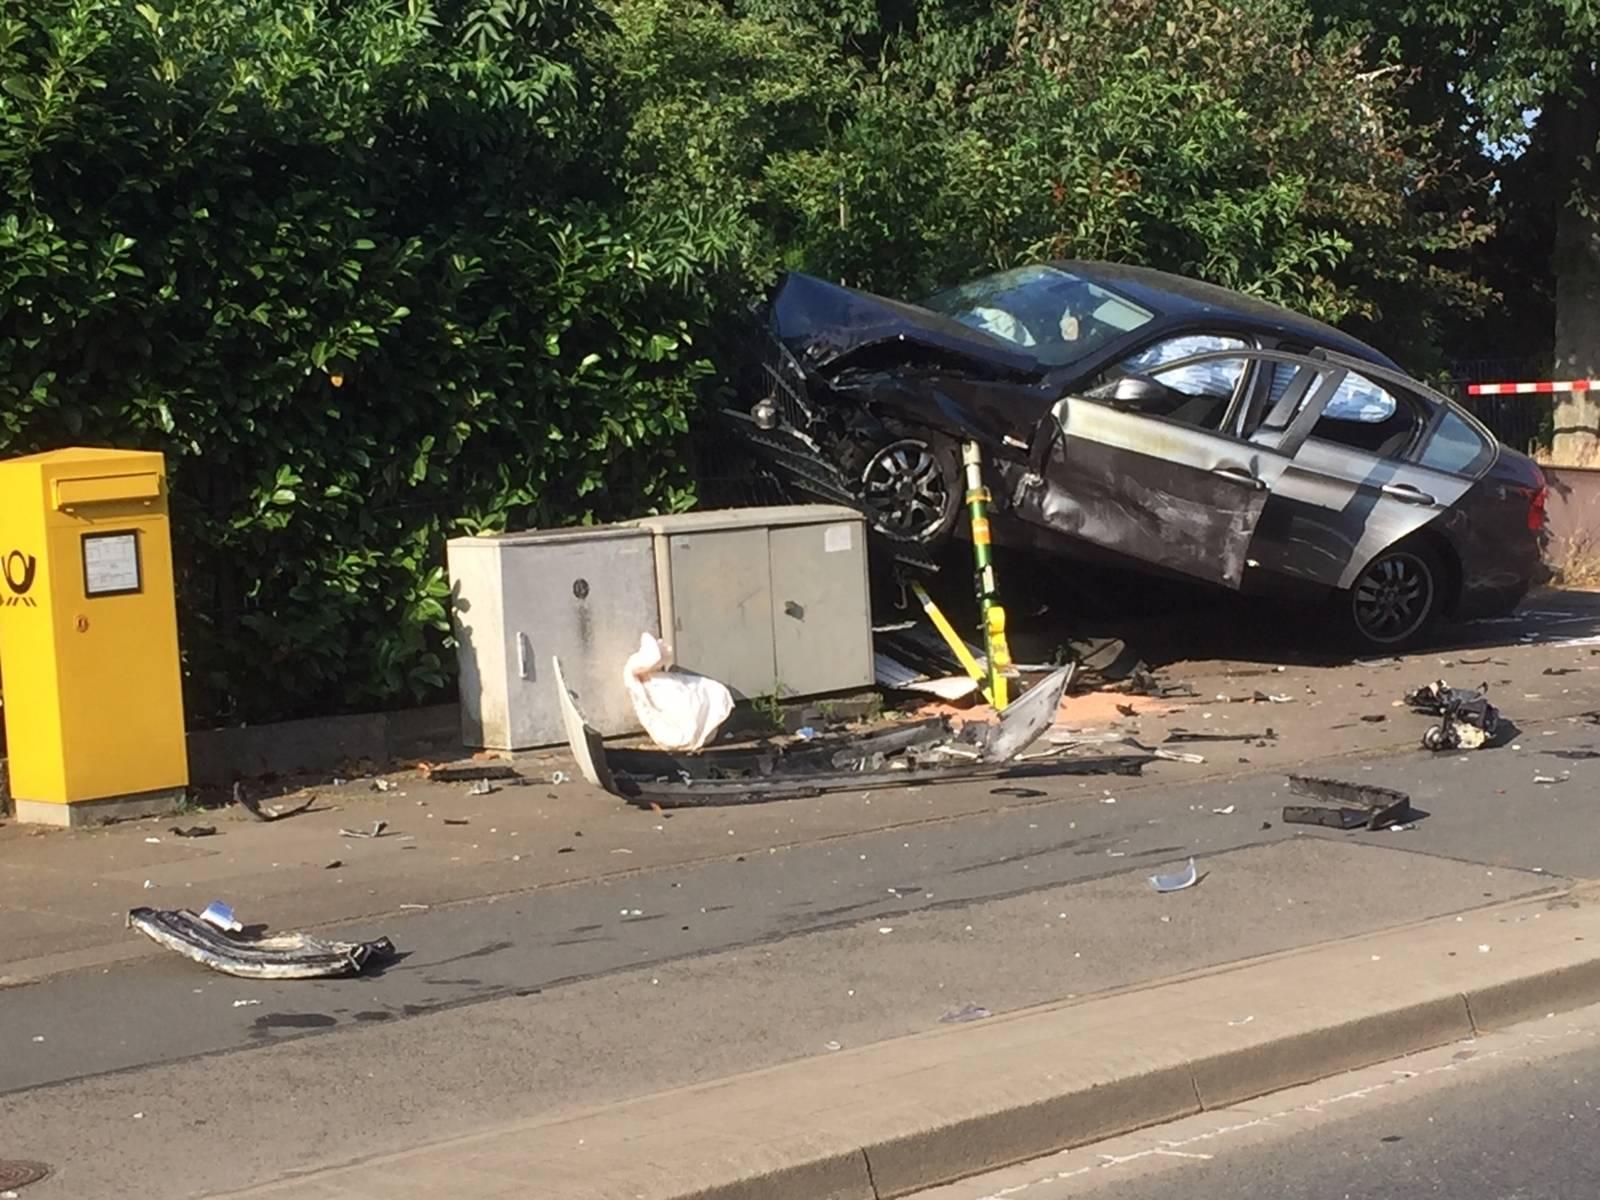 Ein PKW schleuderte in eine Hecke und beschädigte einen Elektroschaltkasten sowie einen Zaun